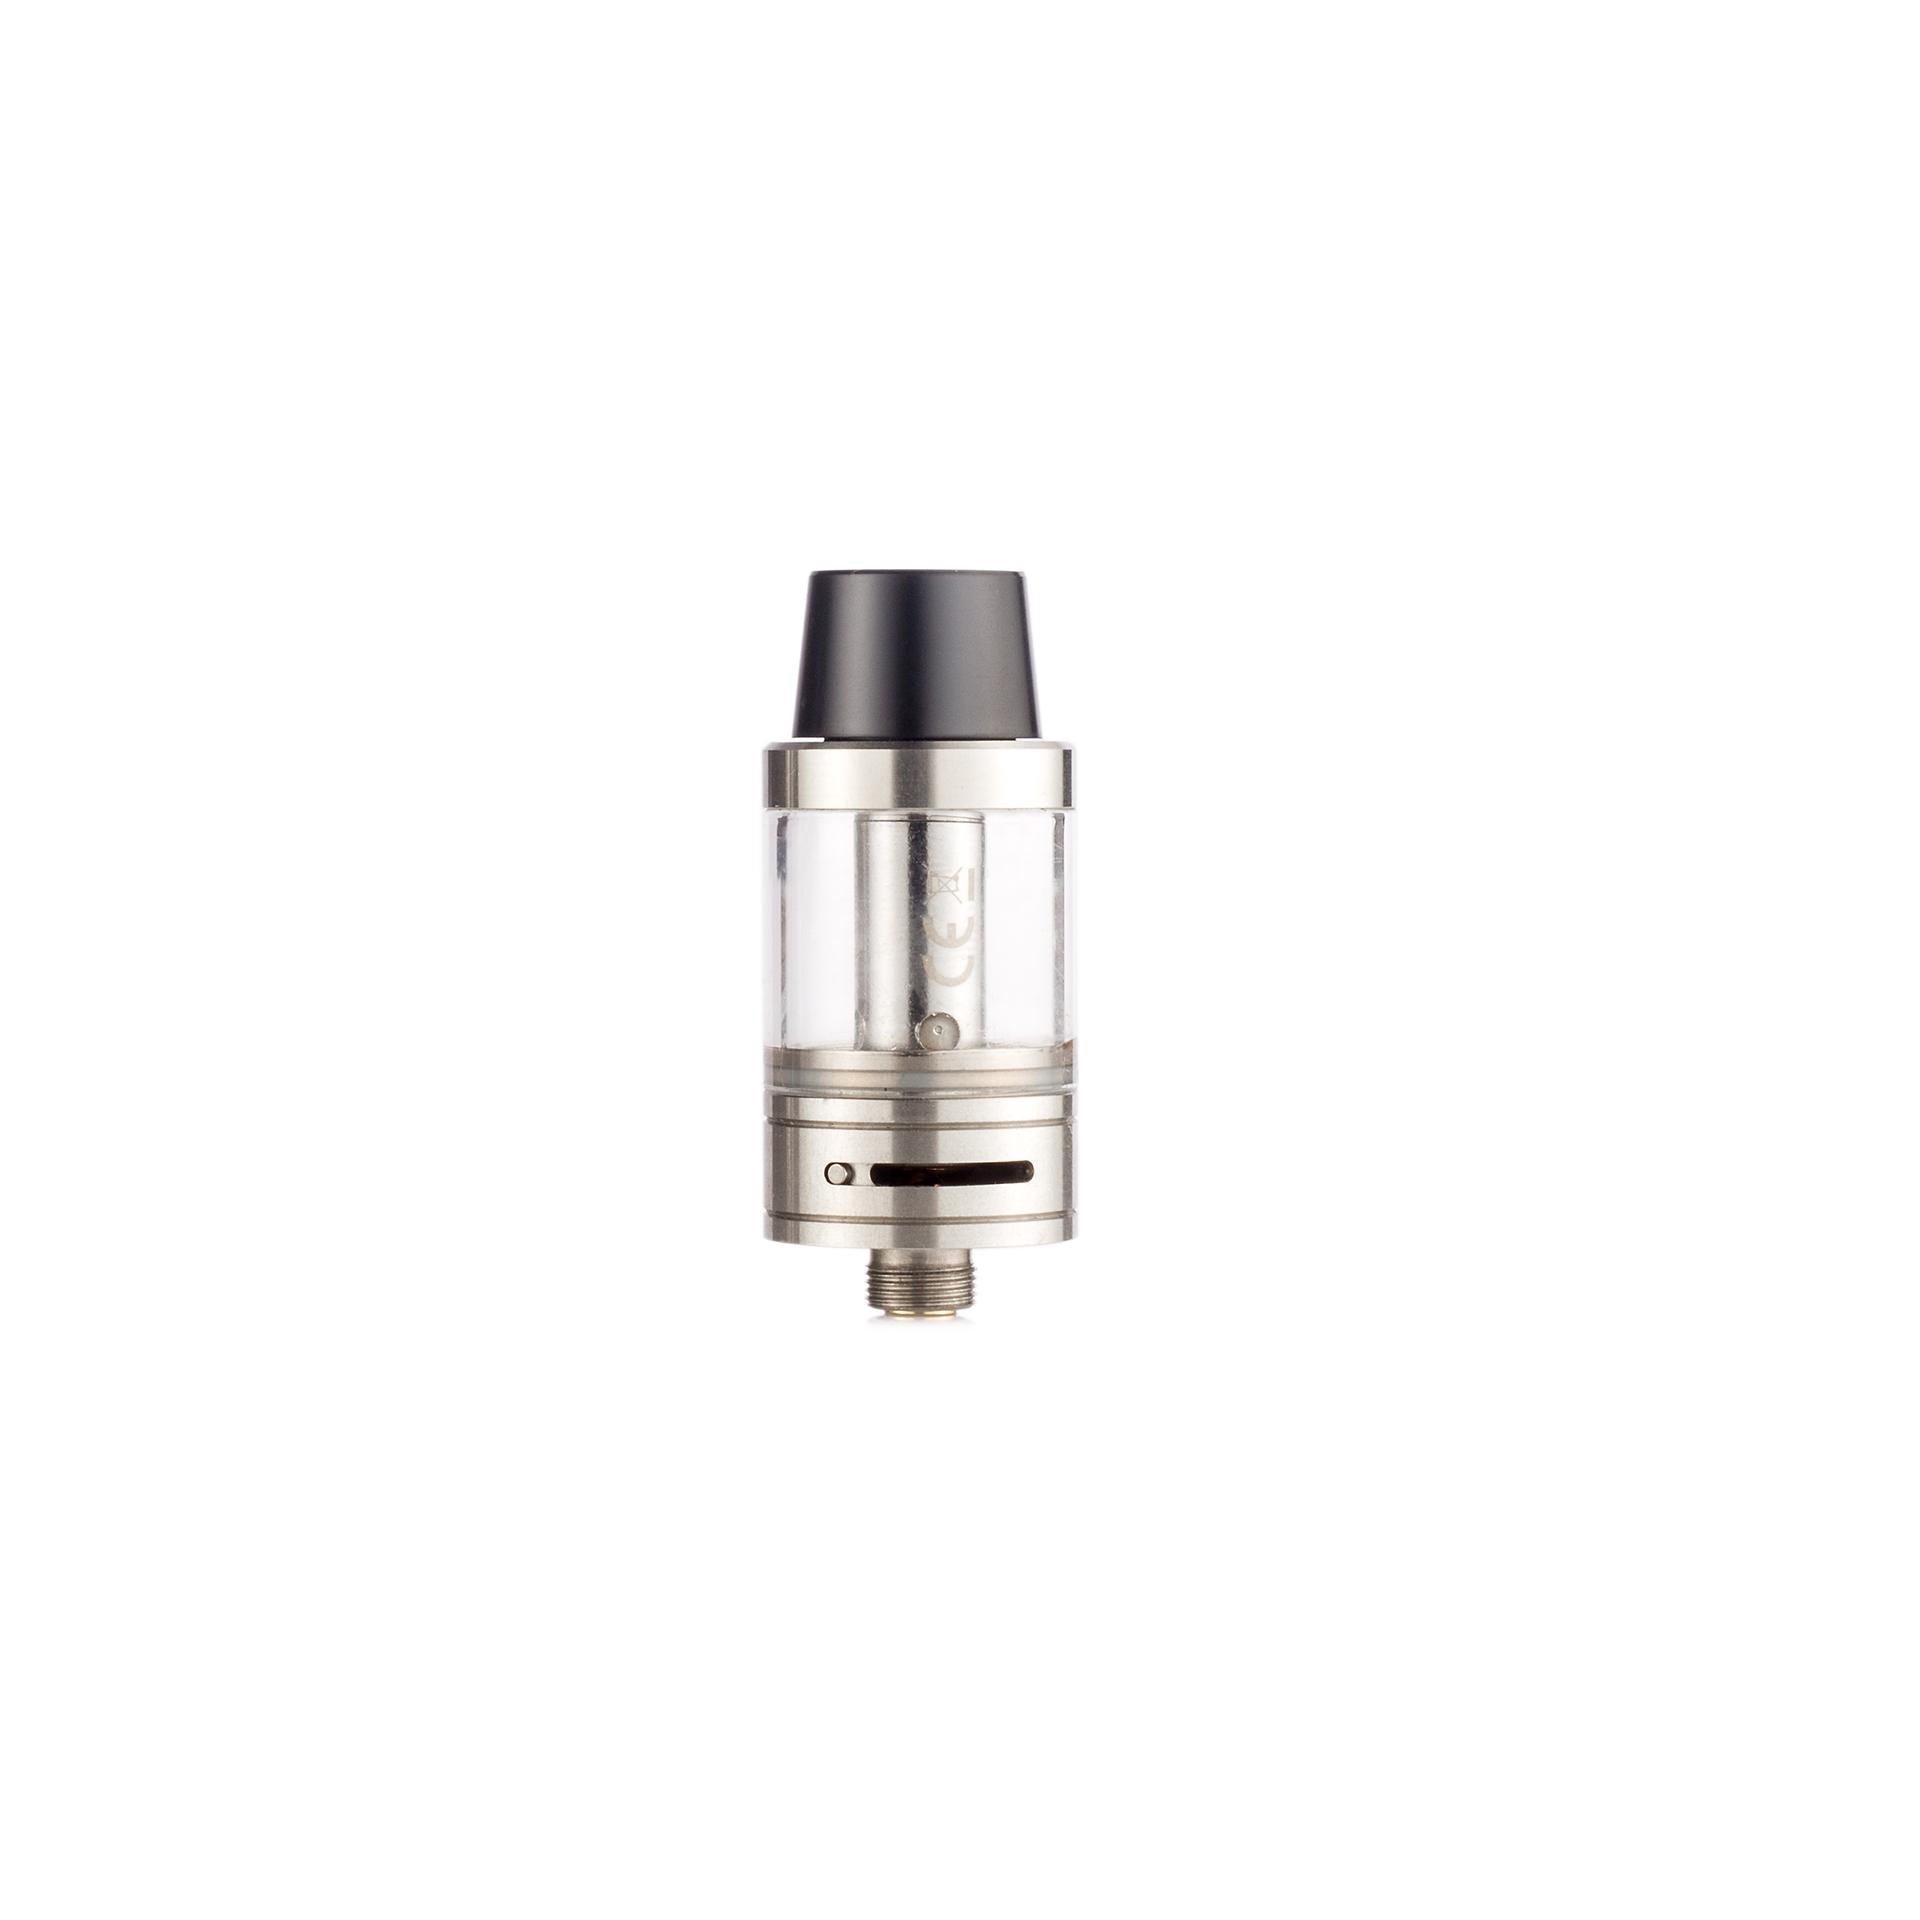 high quality box mod Wholesale Vape pen mini 6 mini Vapor Mod Electronic E-Cigarette GP01 1500mah